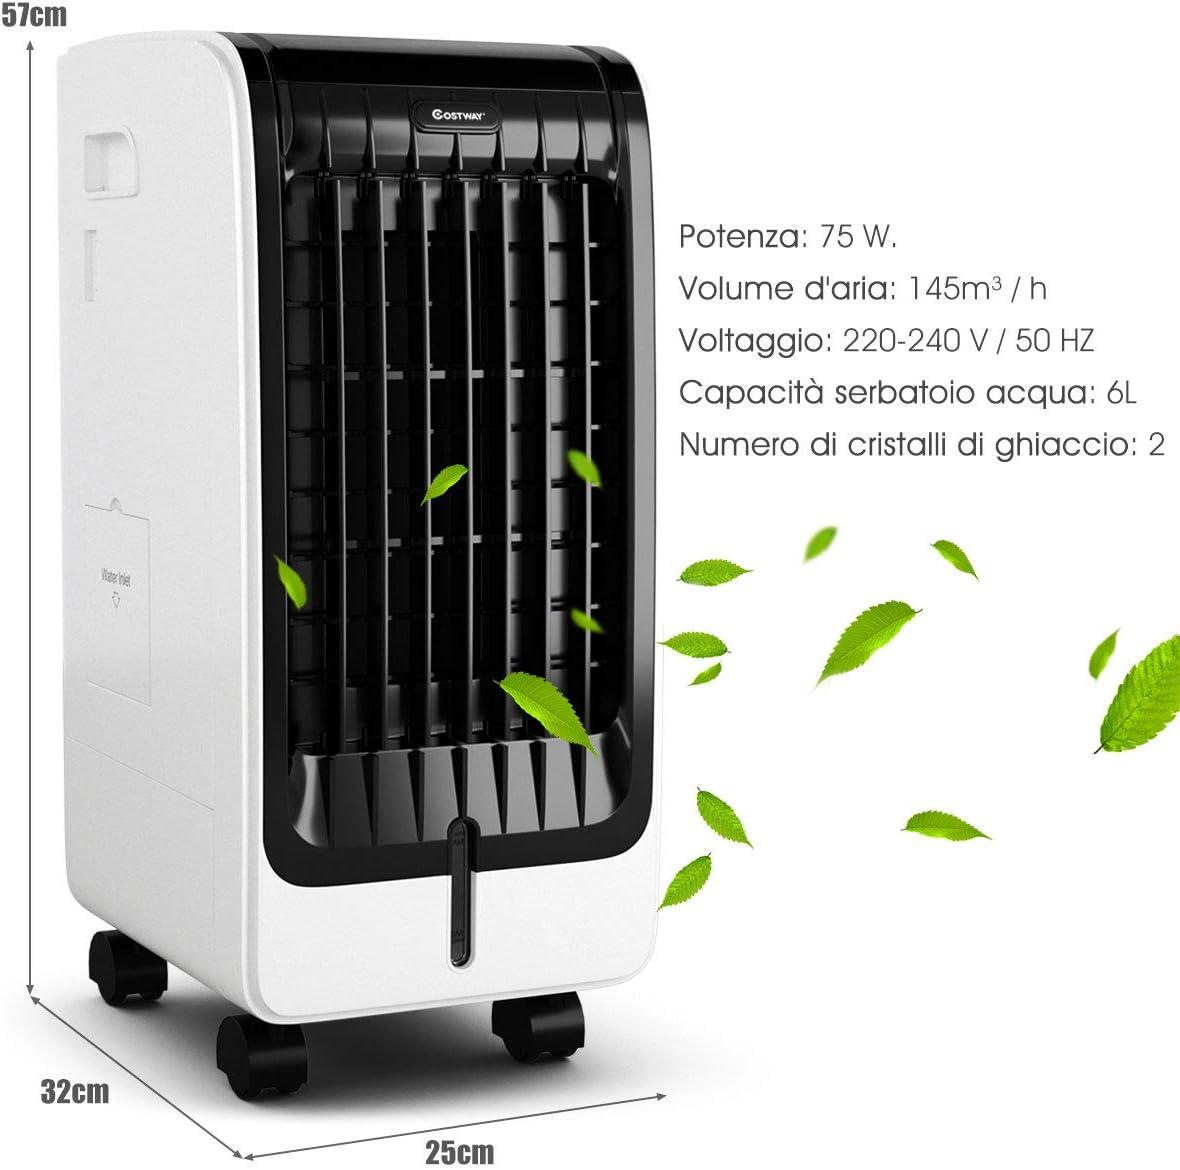 GOPLUS 3 in 1 Raffrescatore Ventilatore Portatile con 4 Ruote Universali 3 Velocit/à Umidificatore con Timer 7,5h 38x28,5x74 cm